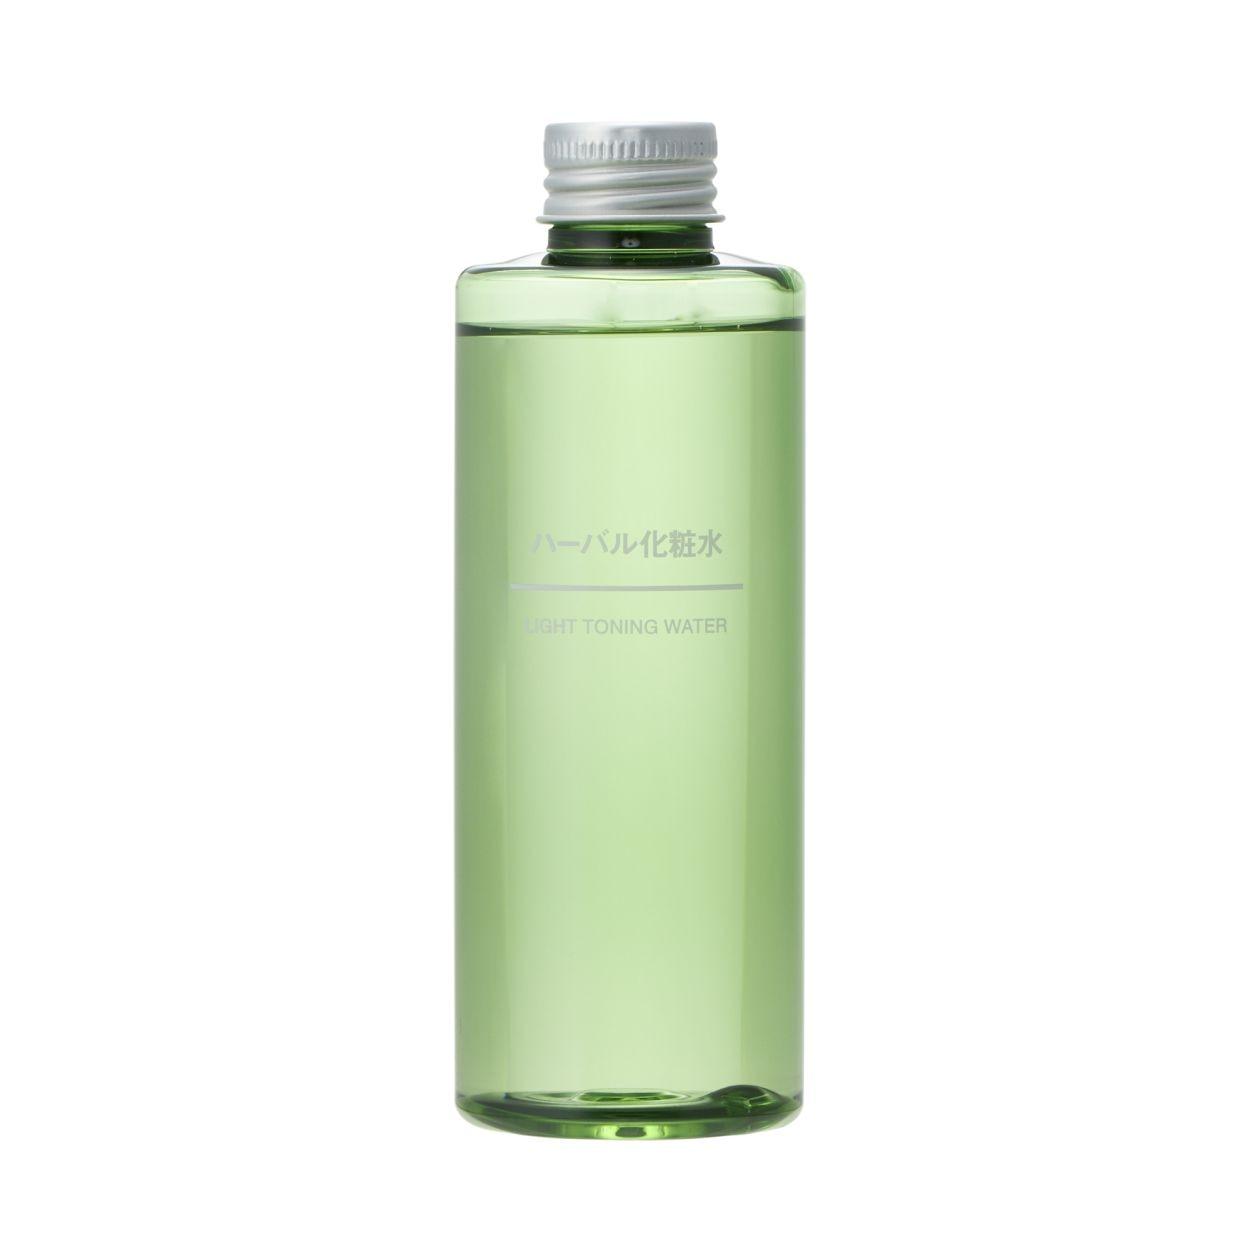 ハーバル化粧水